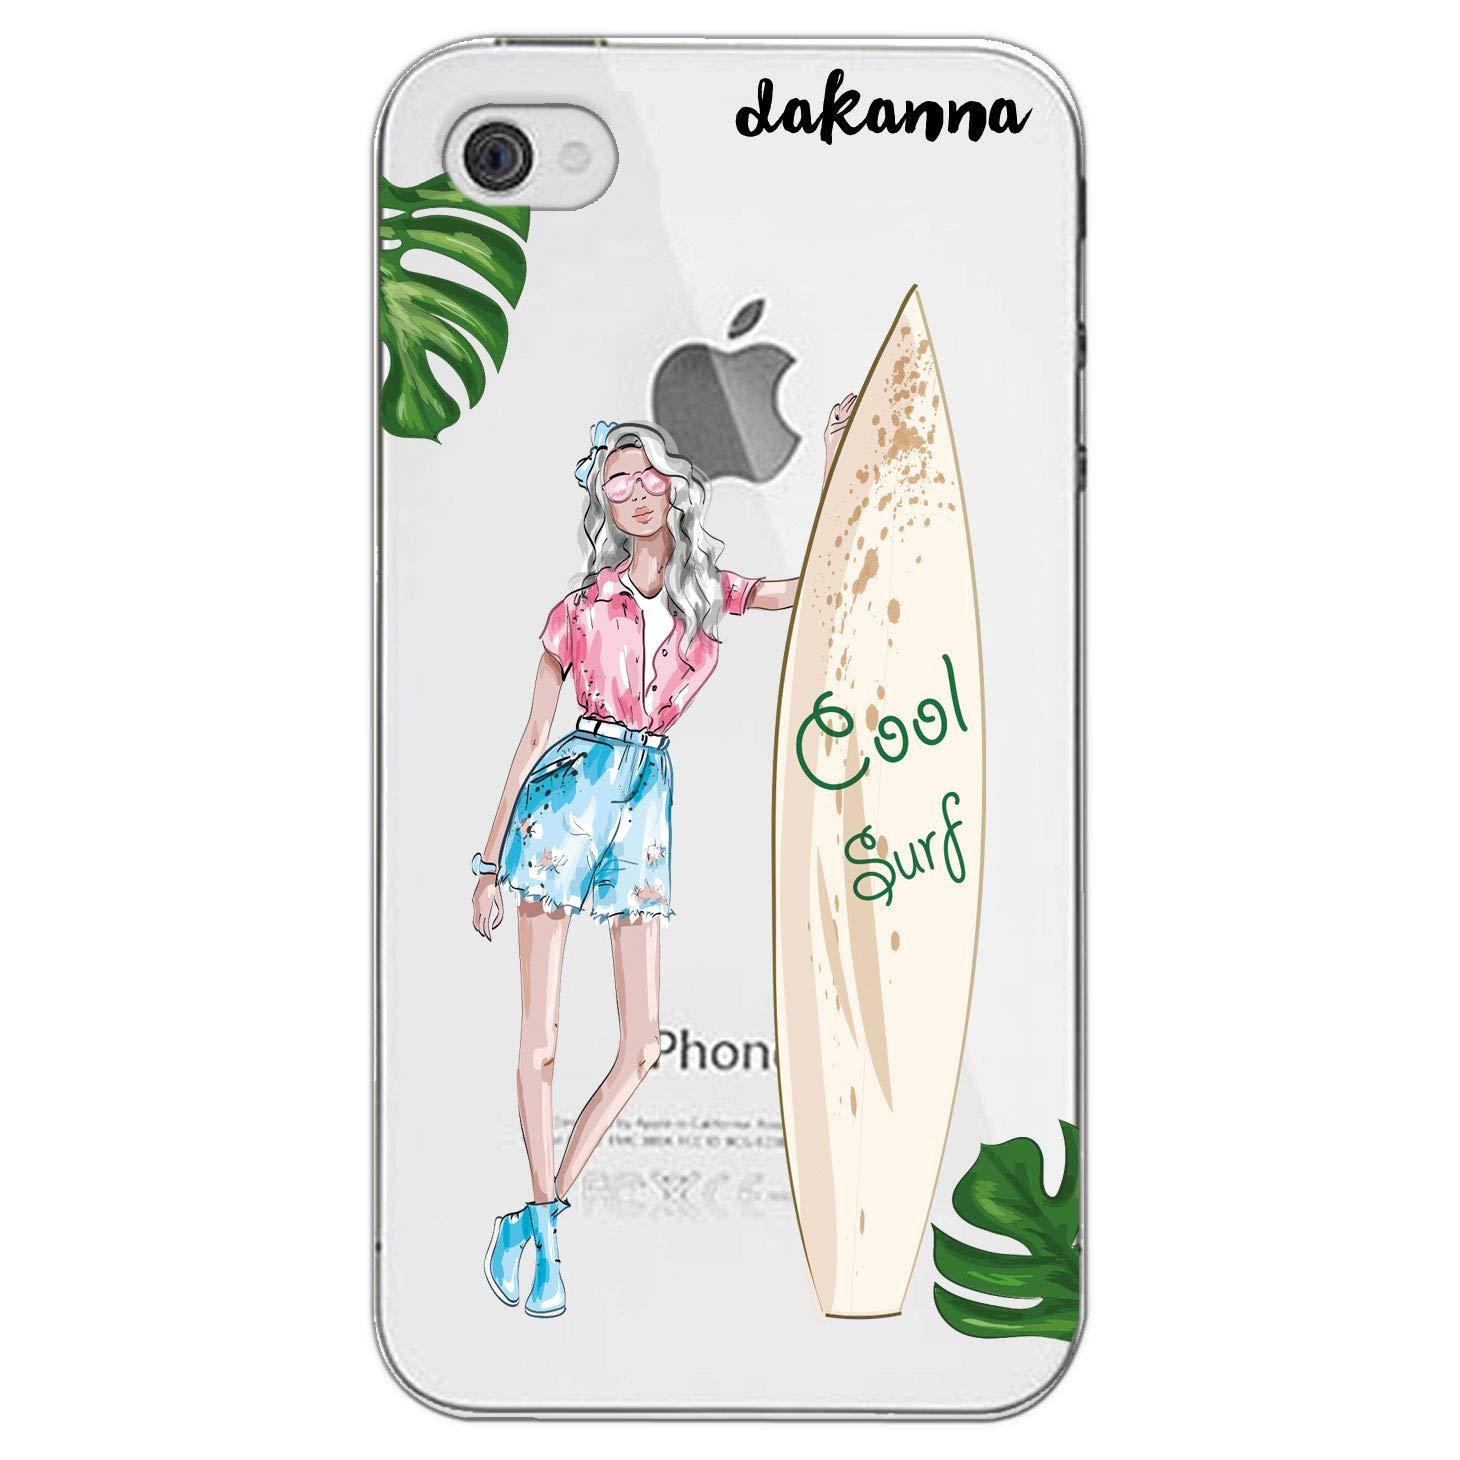 dakanna Funda iPhone 4-4S | Chica y Tabla de Surf | Carcasa de Gel Silicona Flexible | Fondo Transparente: Amazon.es: Electrónica